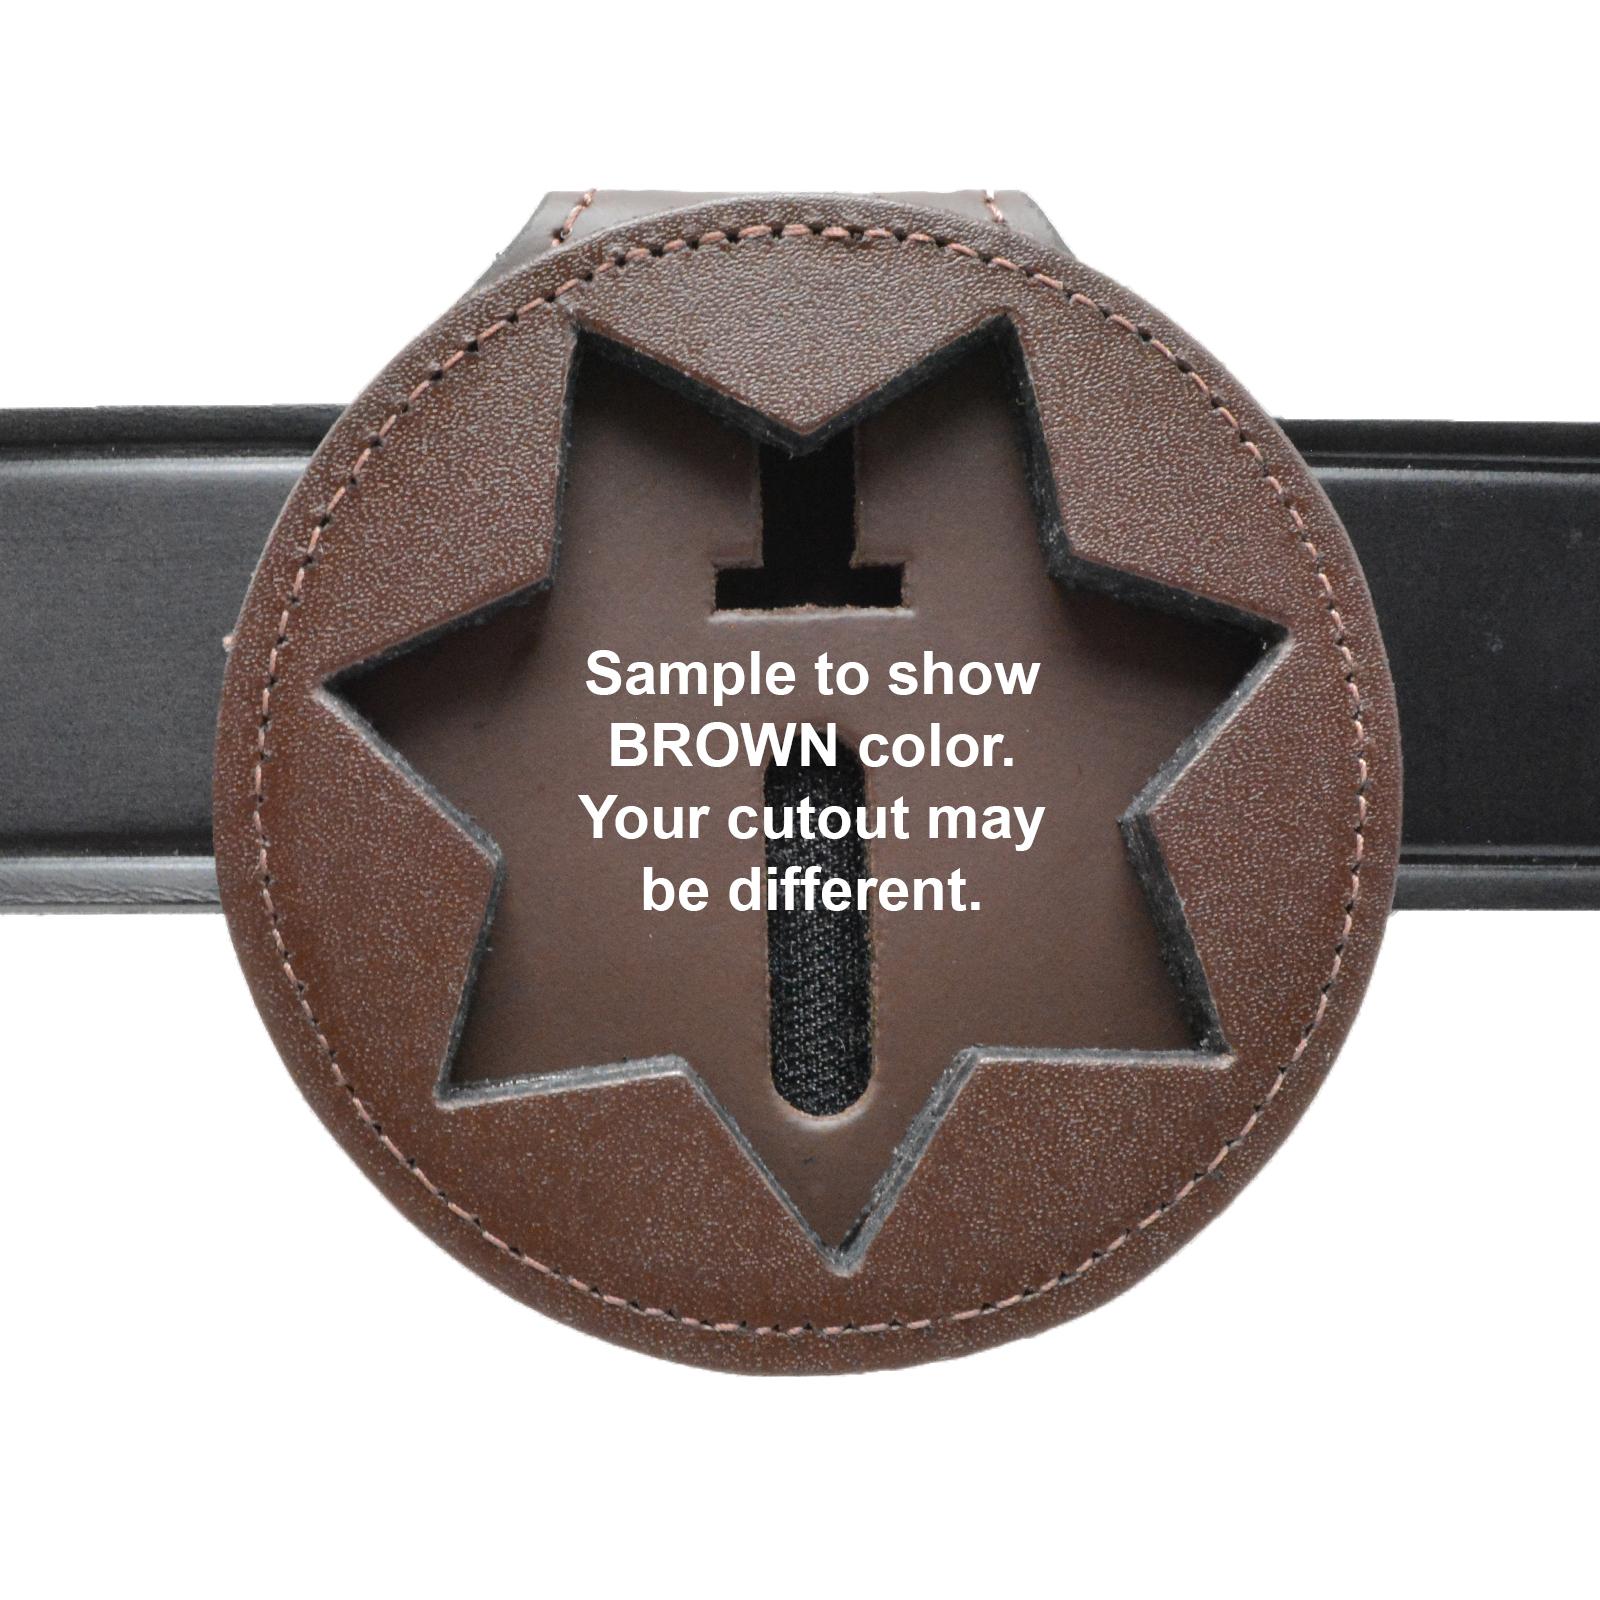 brown-leather-belt-clip-badge-holder.jpg